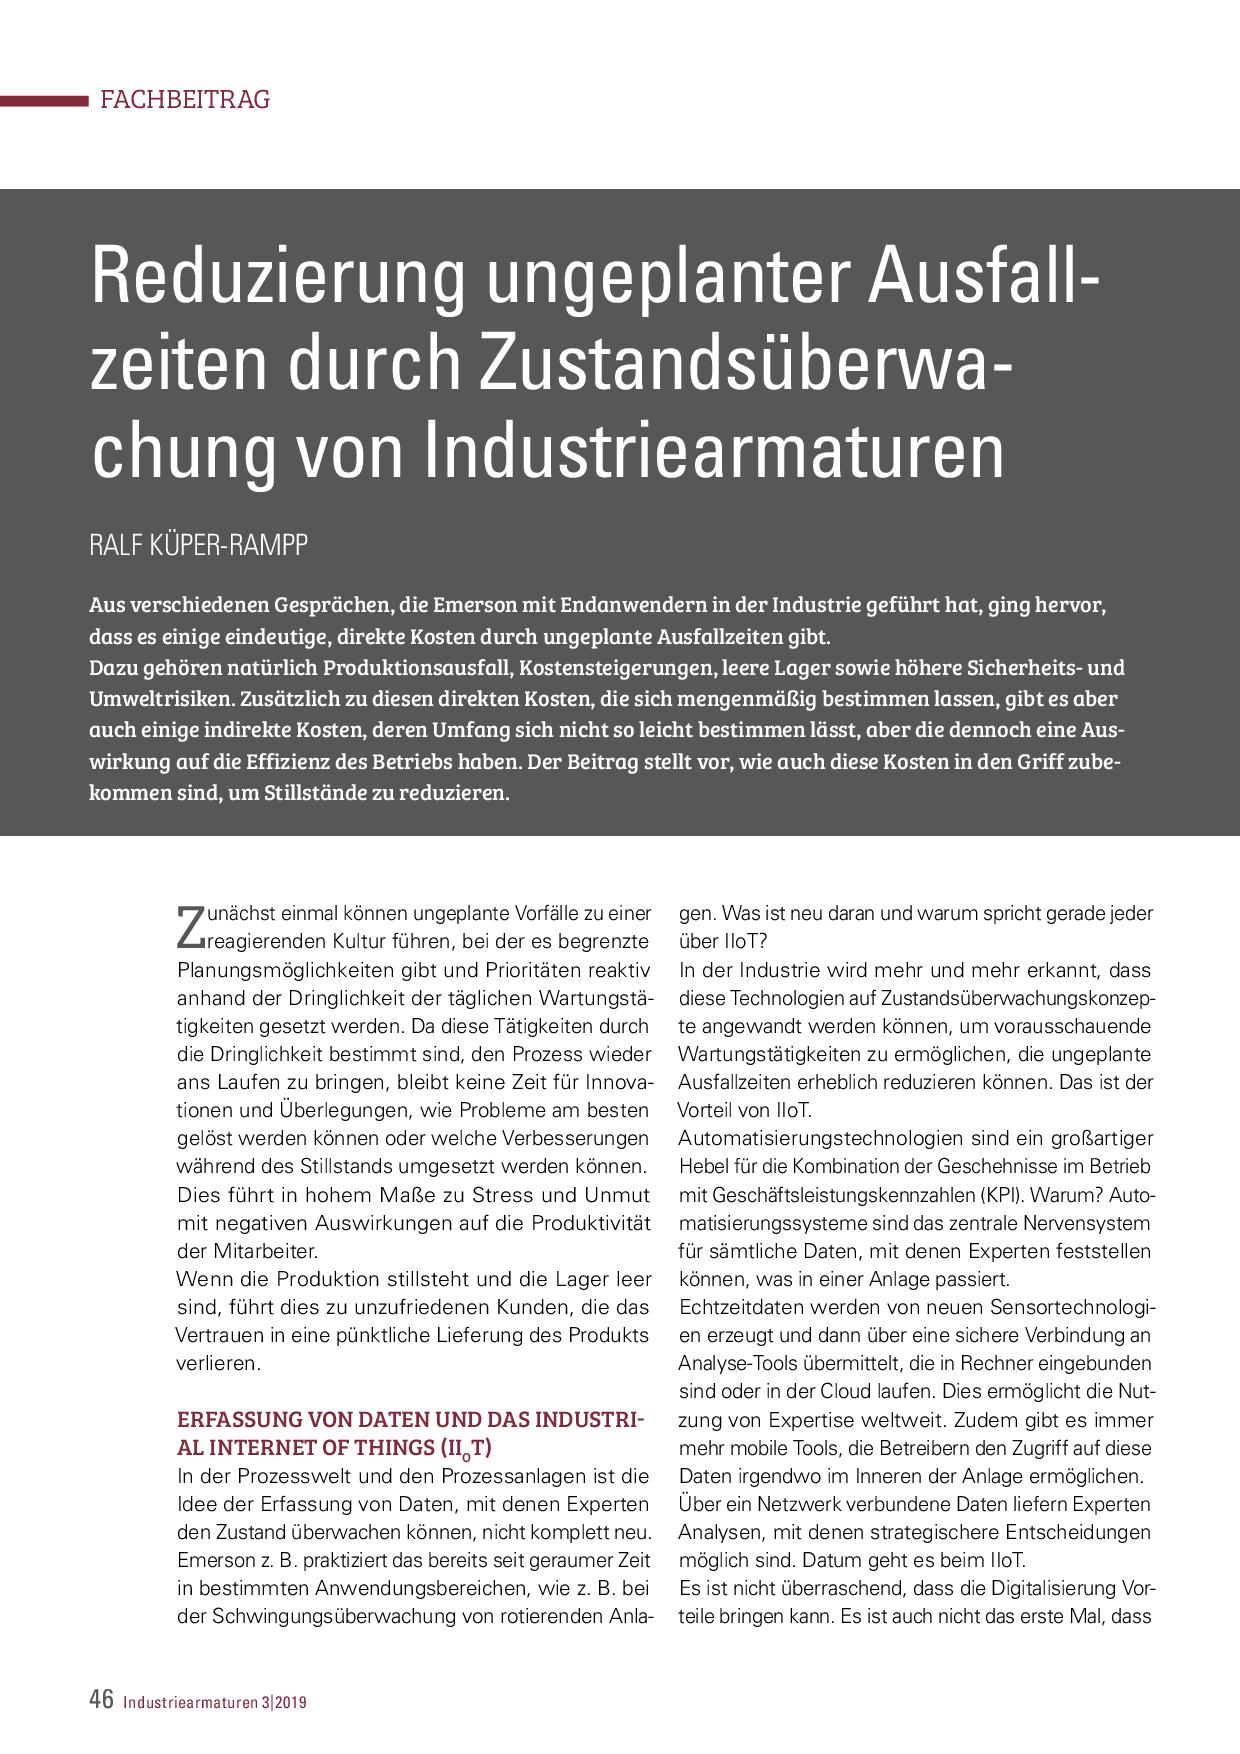 Reduzierung ungeplanter Ausfallzeiten durch Zustandsüberwachung von Industriearmaturen